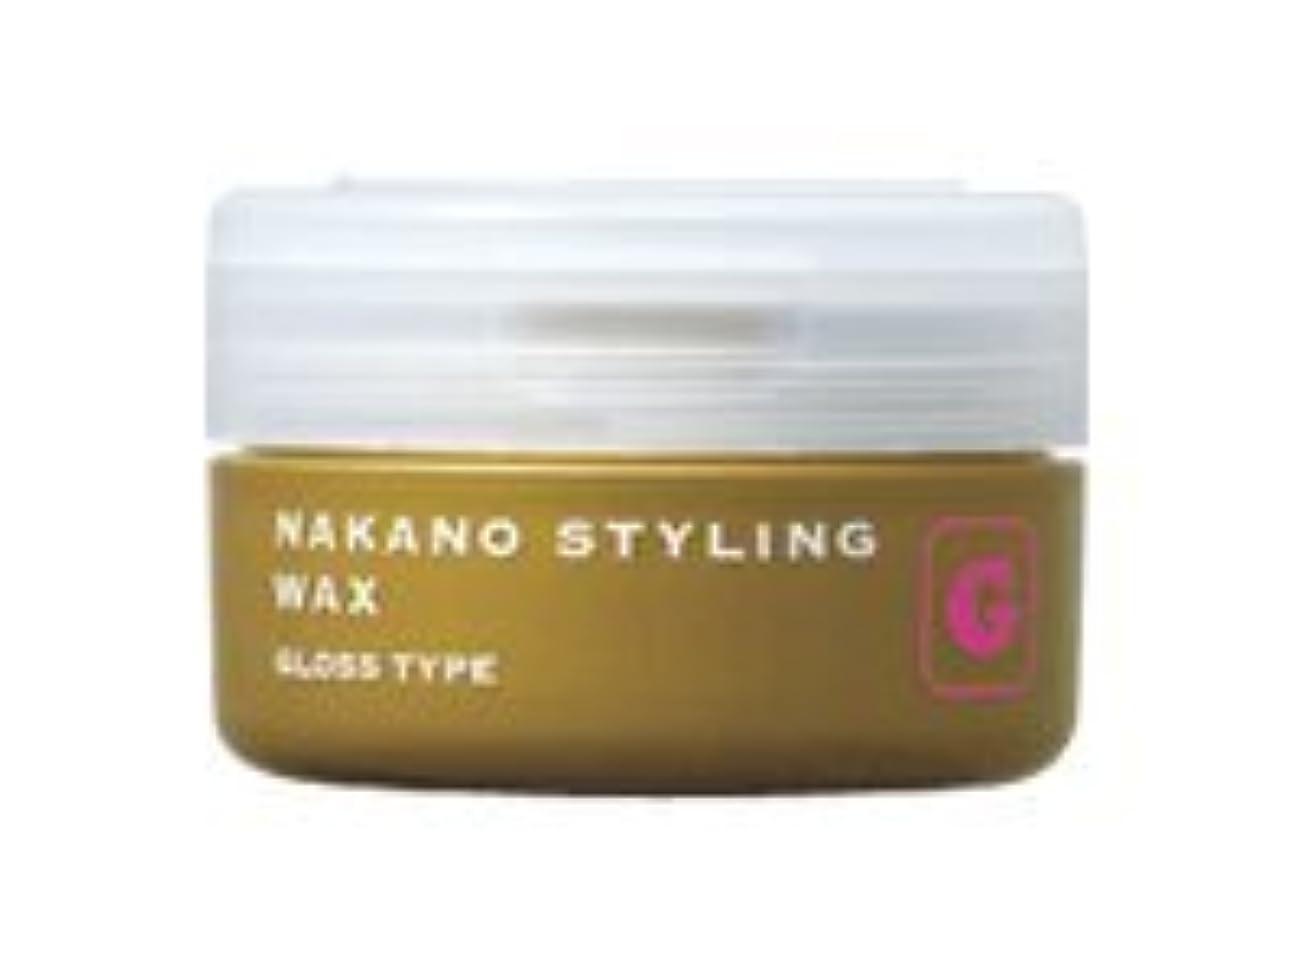 間テープ地上のナカノ スタイリングワックス G グロスタイプ 90g 中野製薬 NAKANO